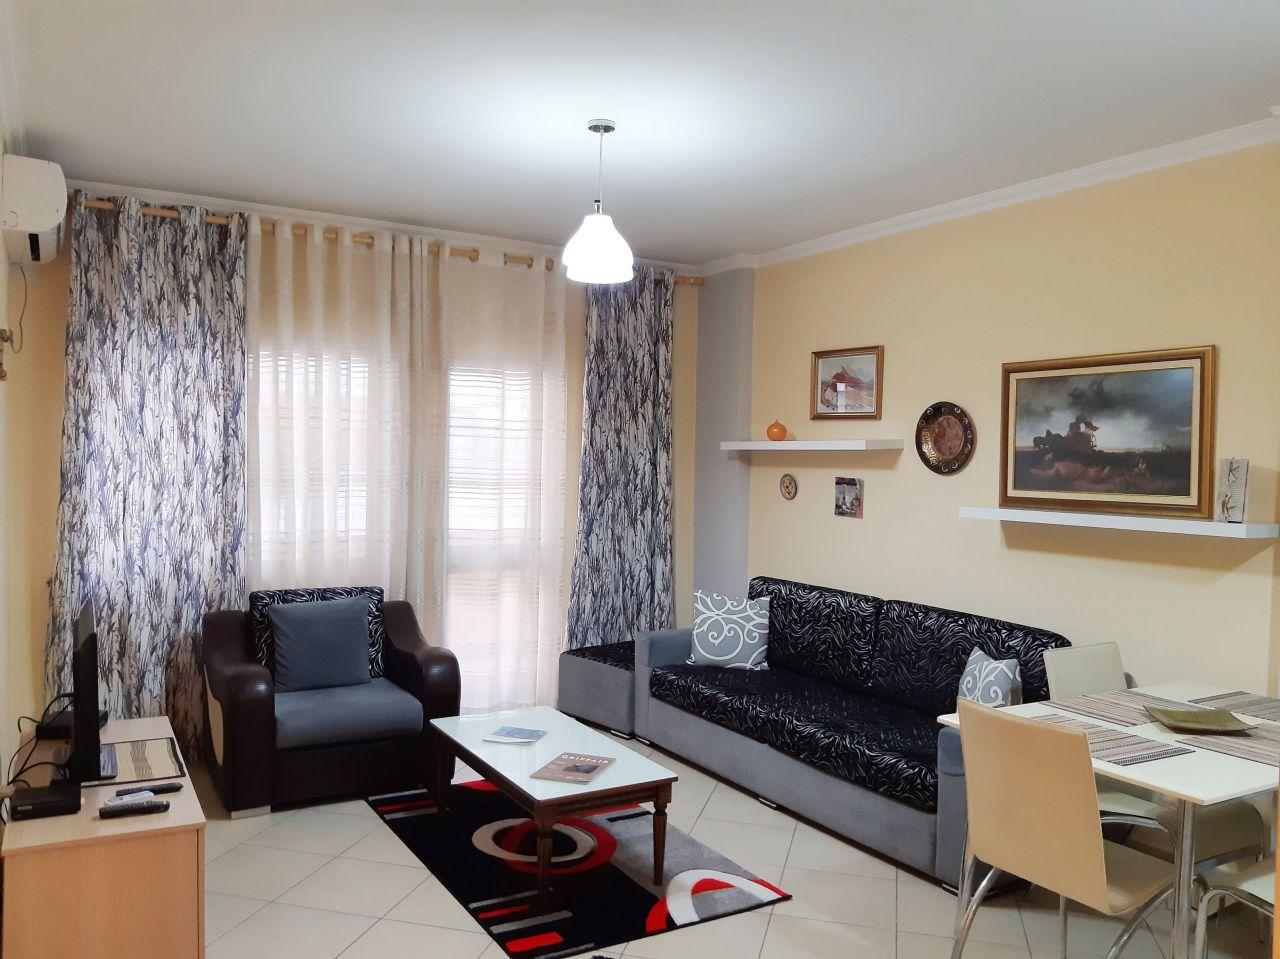 Kiadó egy hálószobás apartman Tirana-ban, Albánia városközpont közelében